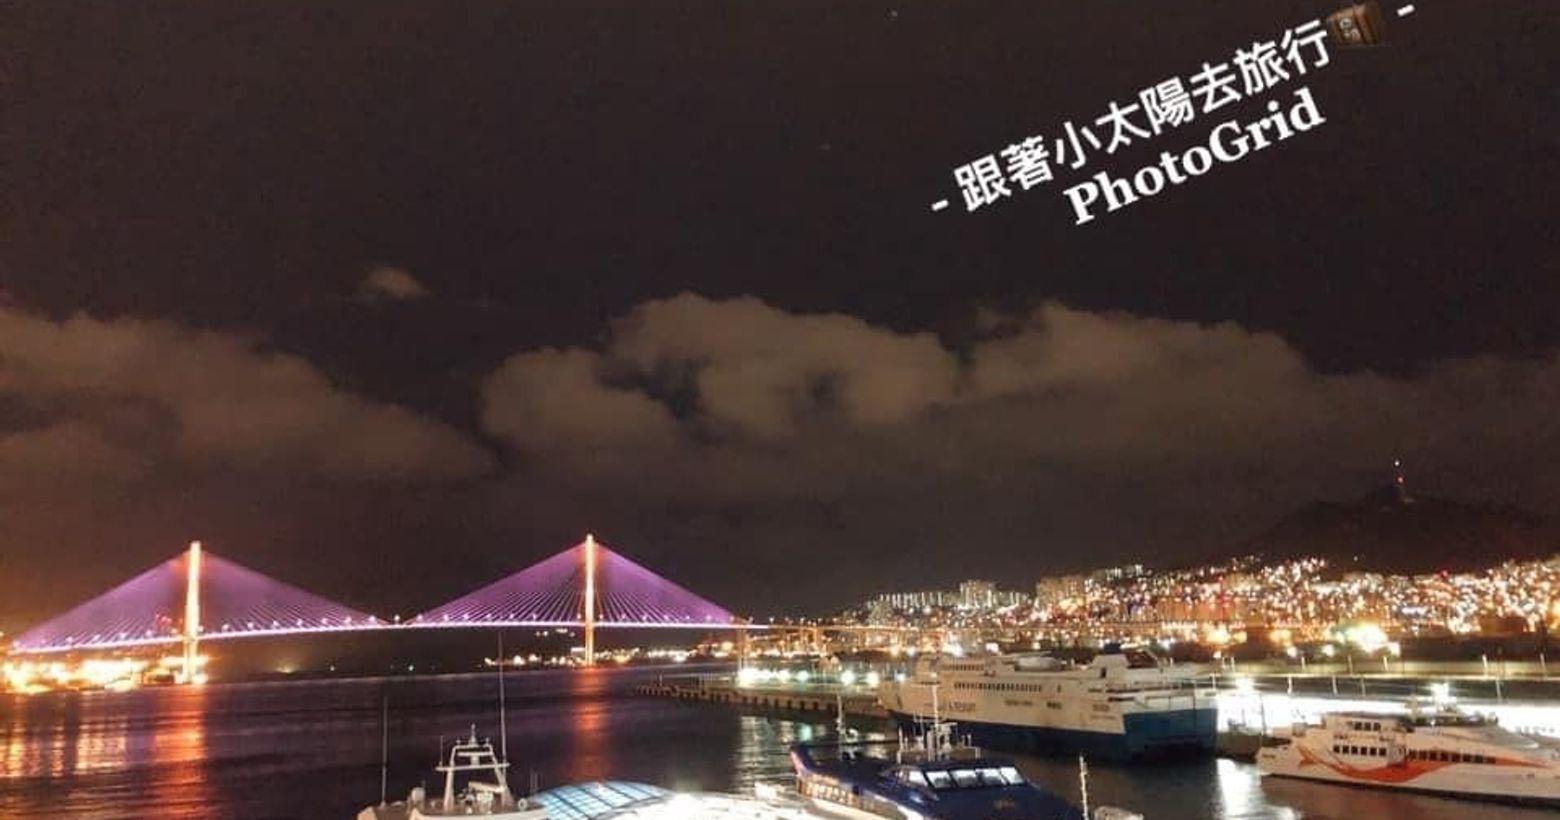 釜山港往福岡釜山-福岡韓國釜山與日本九州緯度接近,而且每天定期有船班。從釜山出發到九州福岡的博多港,